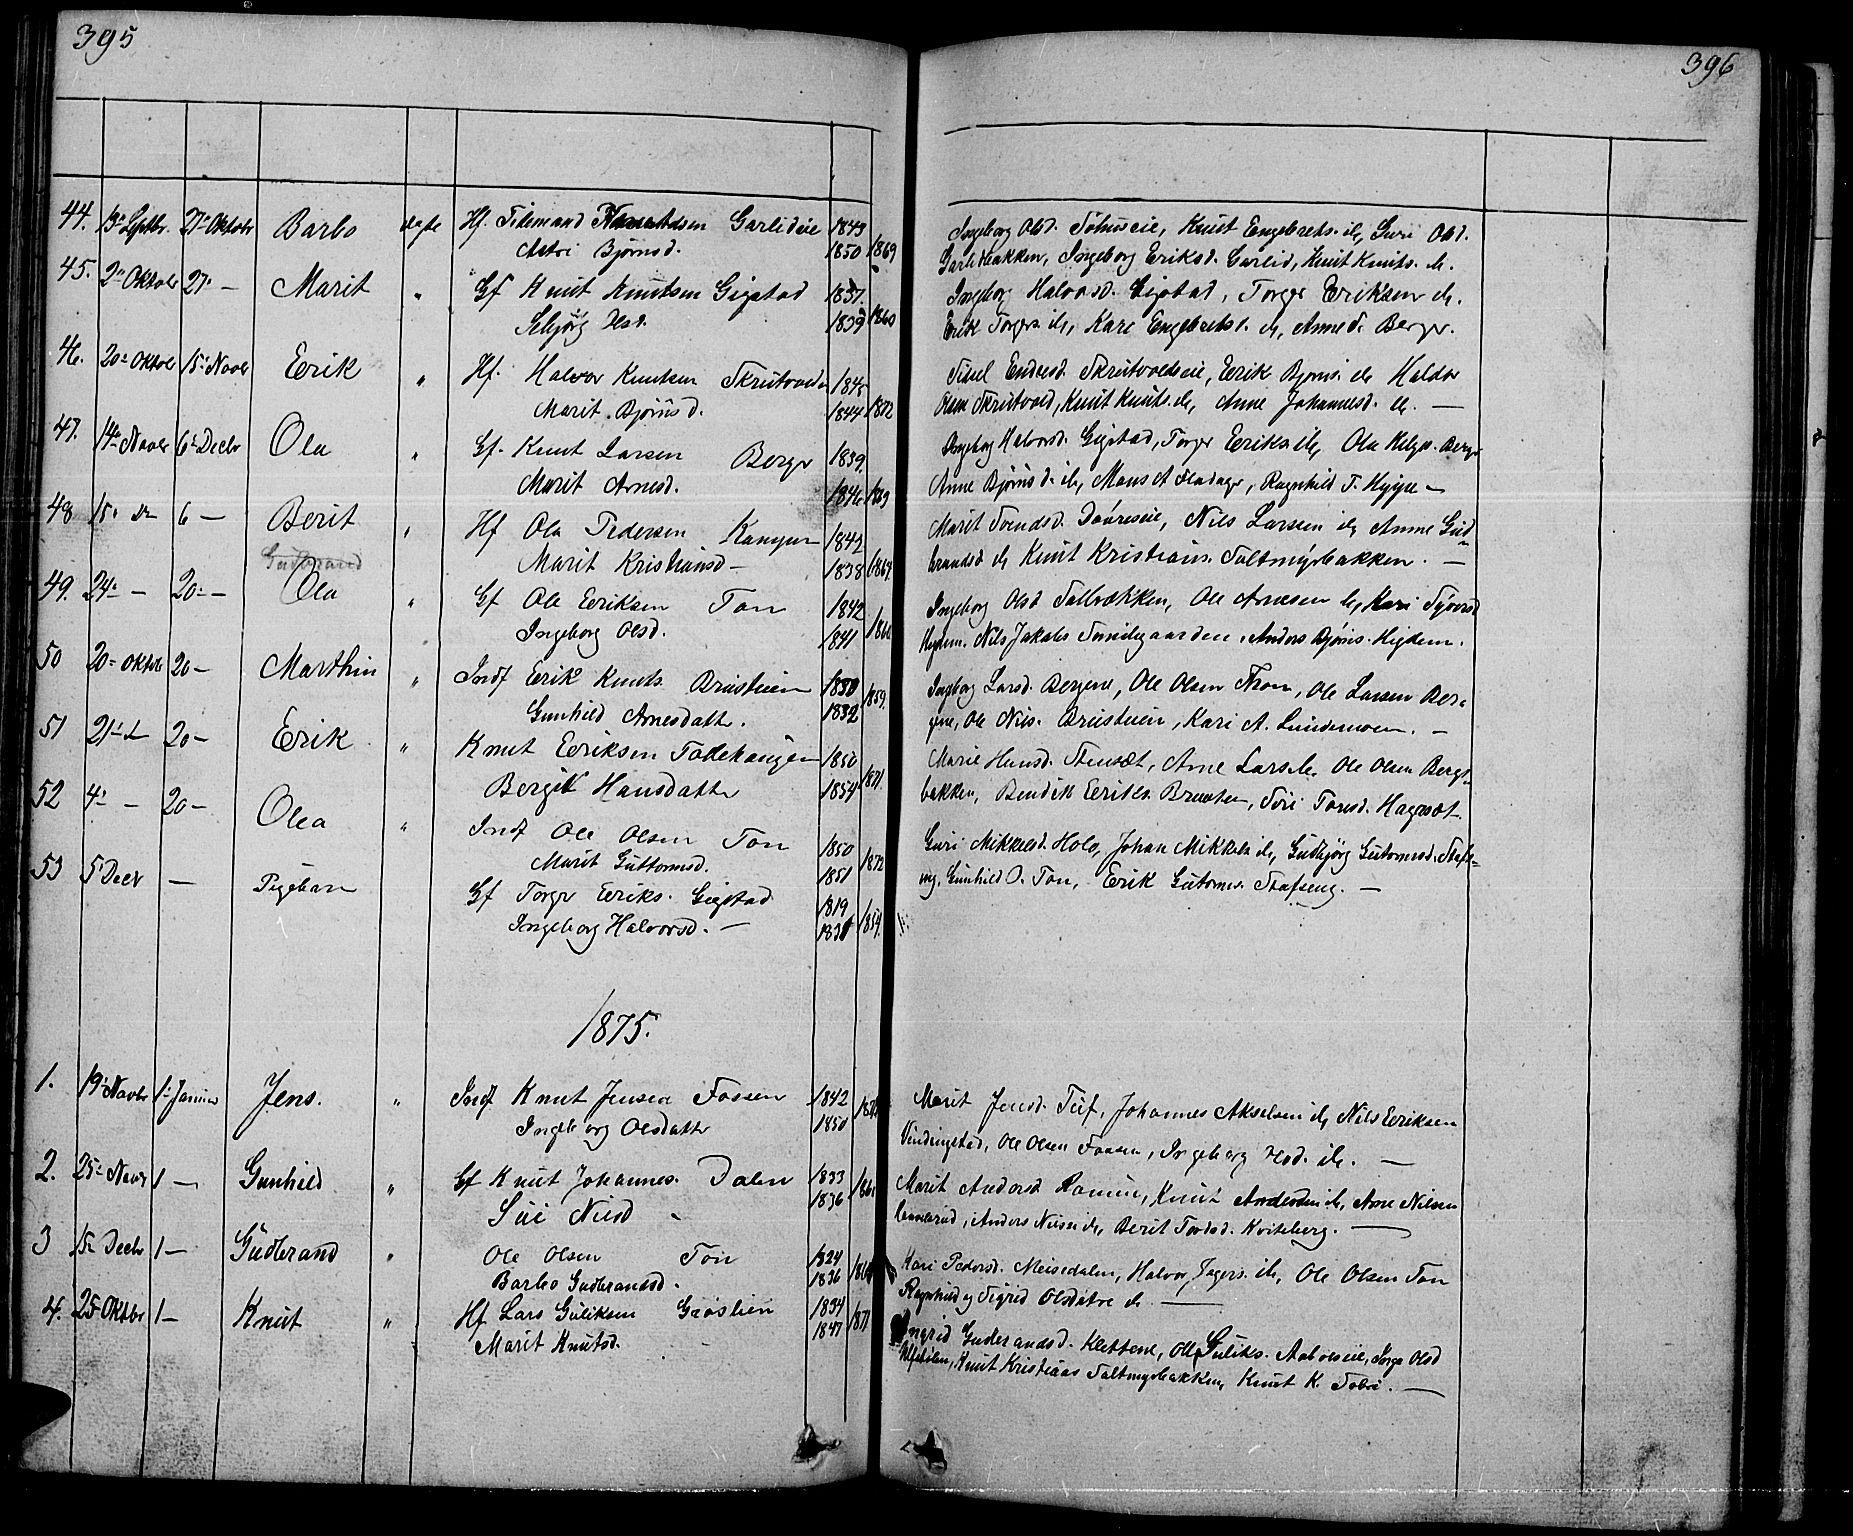 SAH, Nord-Aurdal prestekontor, Klokkerbok nr. 1, 1834-1887, s. 395-396